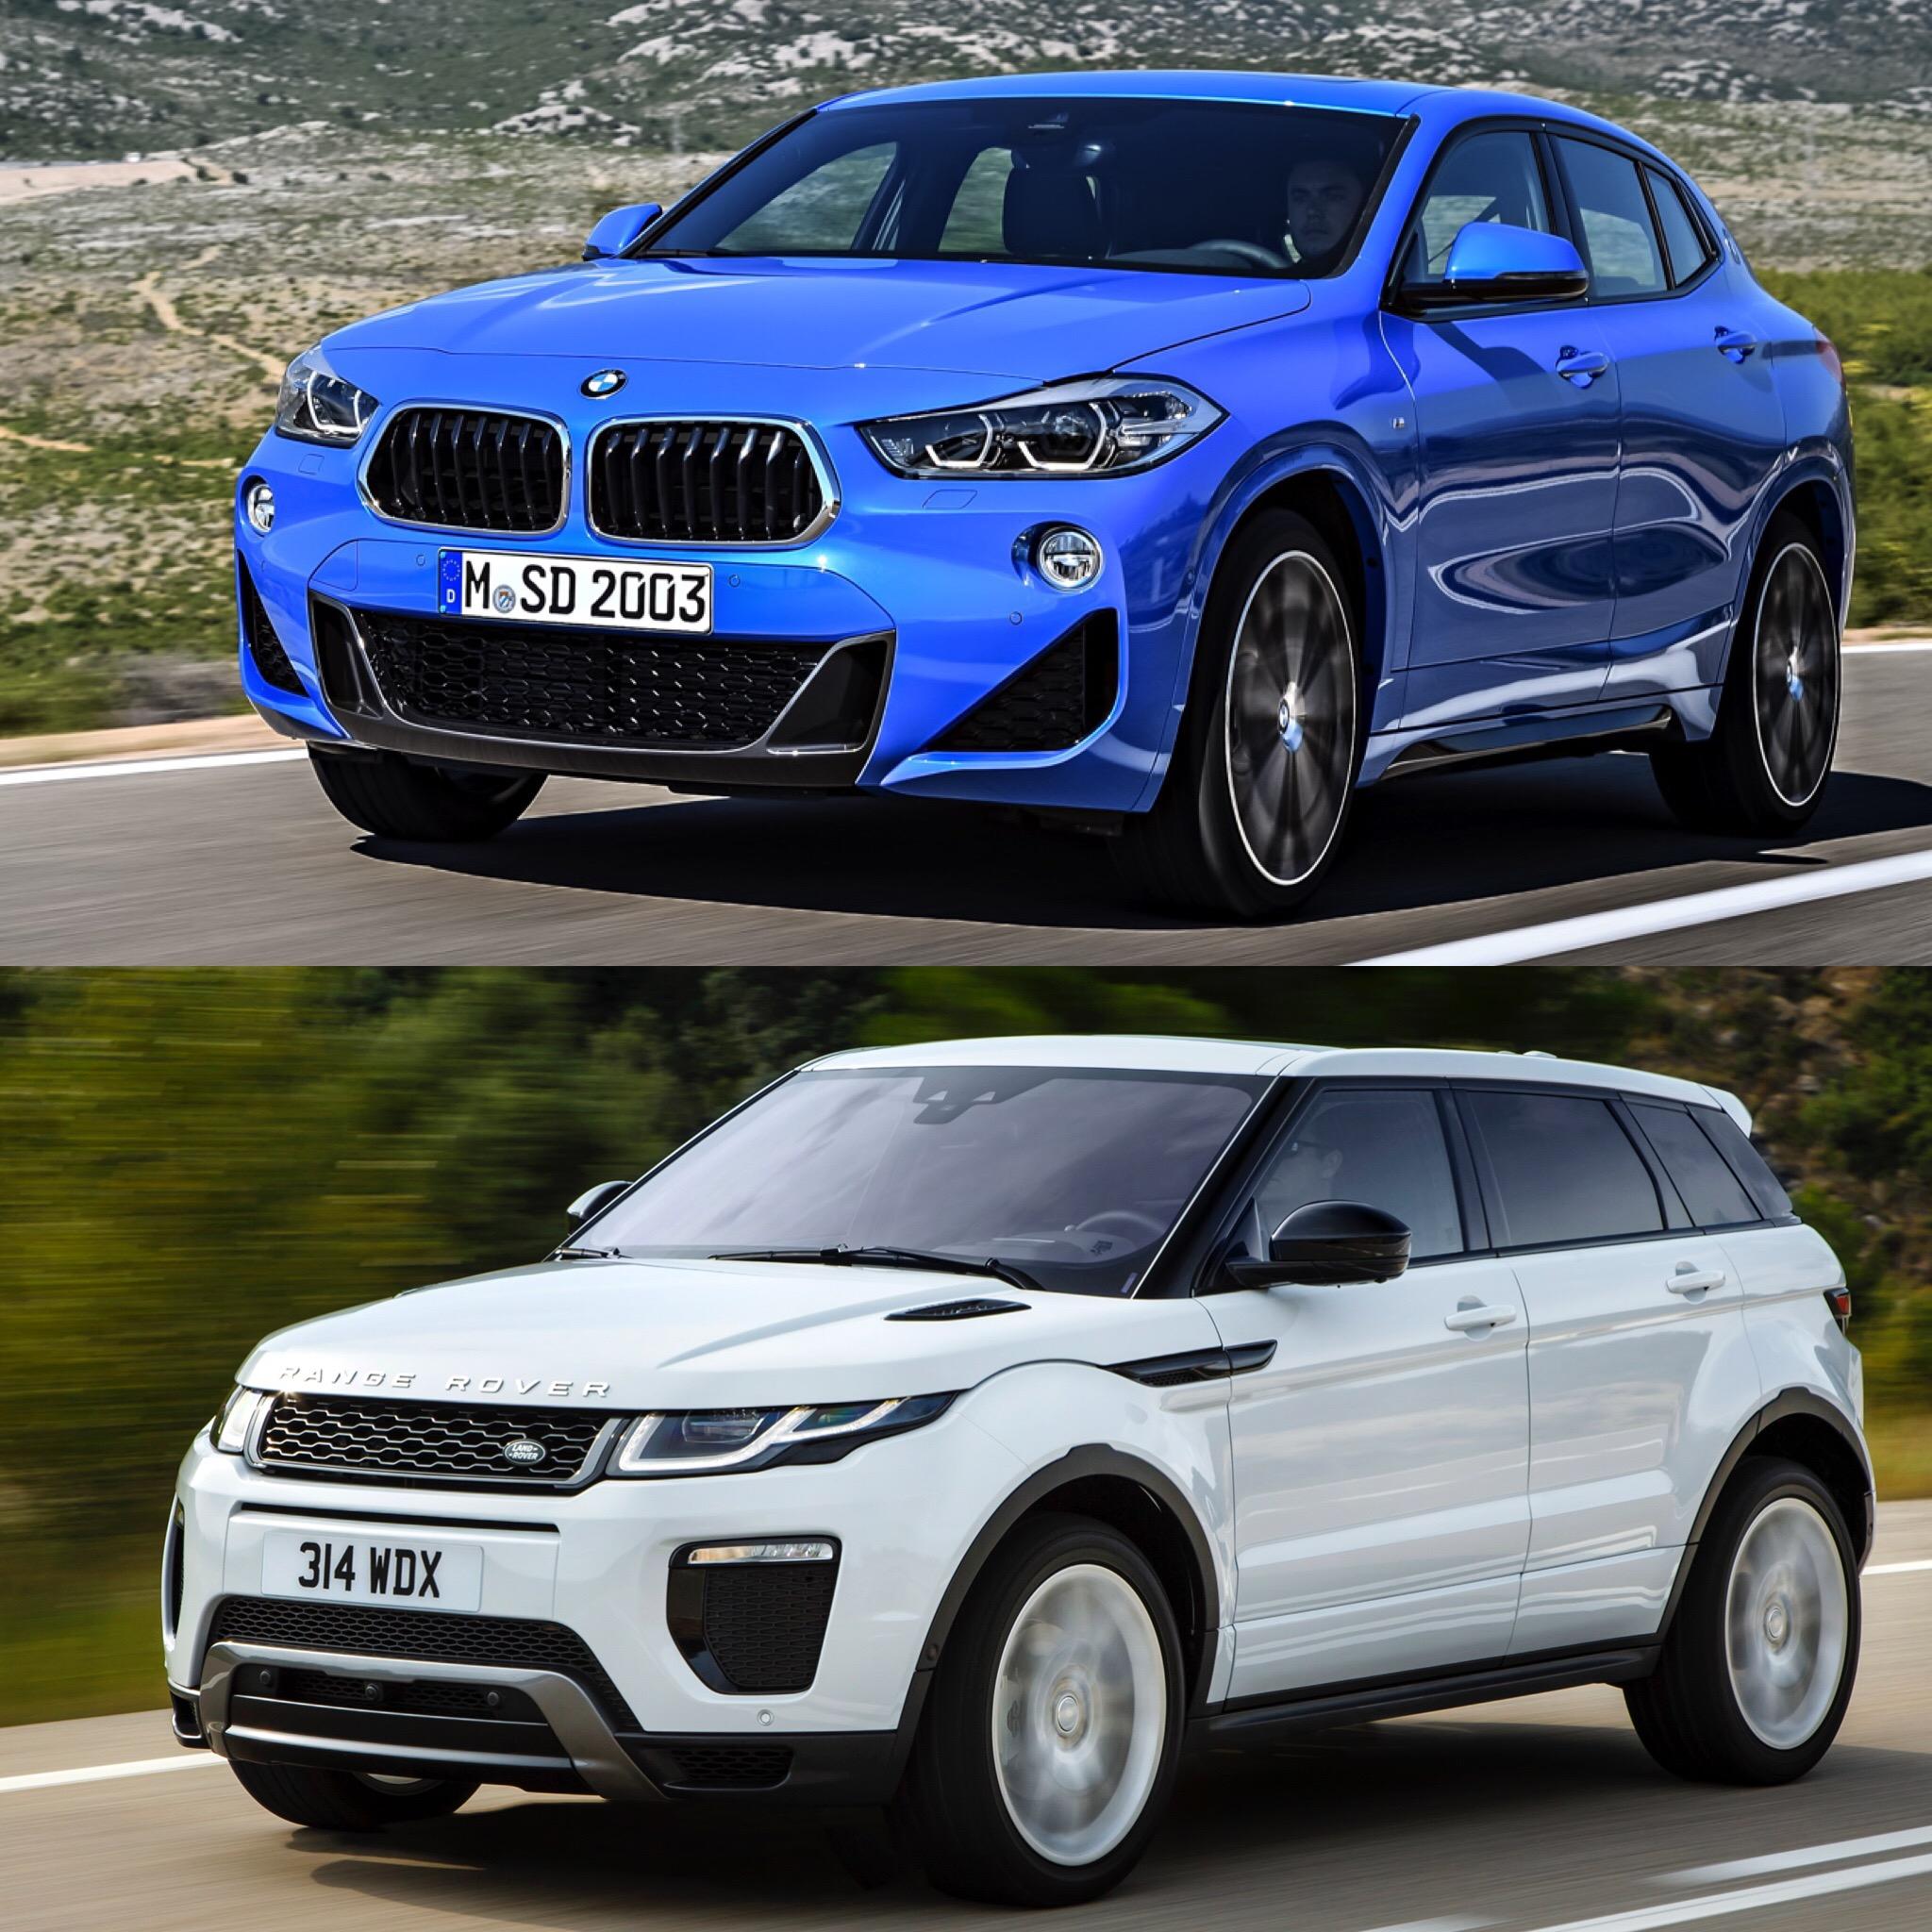 Bmw Z 8 For Sale: Photo Comparison: BMW X2 Vs Range Rover Evoque